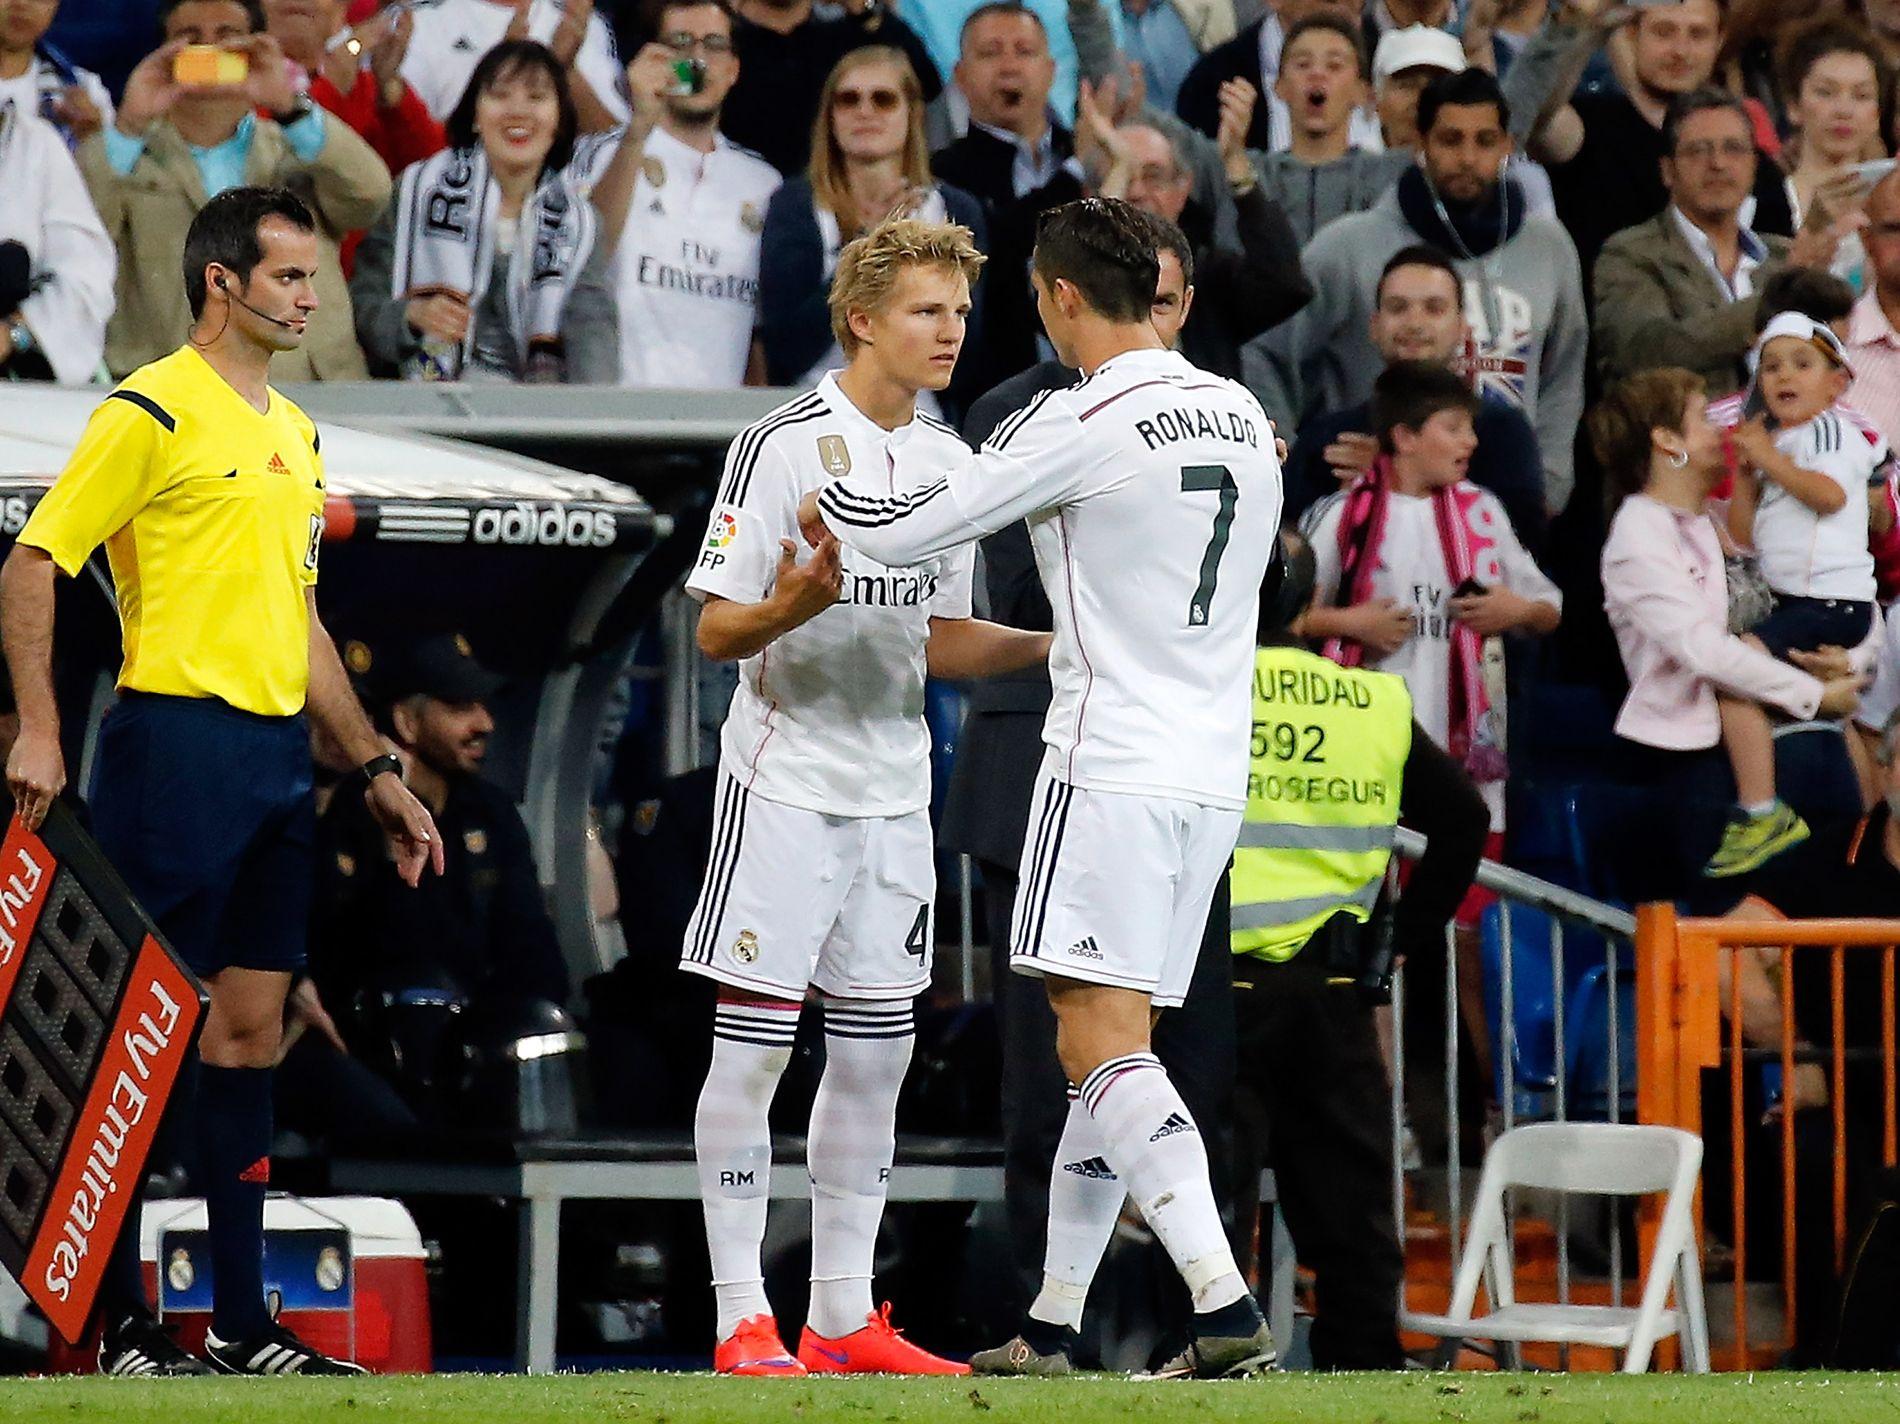 STORT ØYEBLIKK: Etter drøyt 57 minutter, i hjemmekampen mot Getafe i mai 2015, byttes 16 år gamle Martin Ødegaard inn for Cristiano Ronaldo. Real Madrid ledet 5–3 (tre mål av Ronaldo), og vant til slutt 7–3.